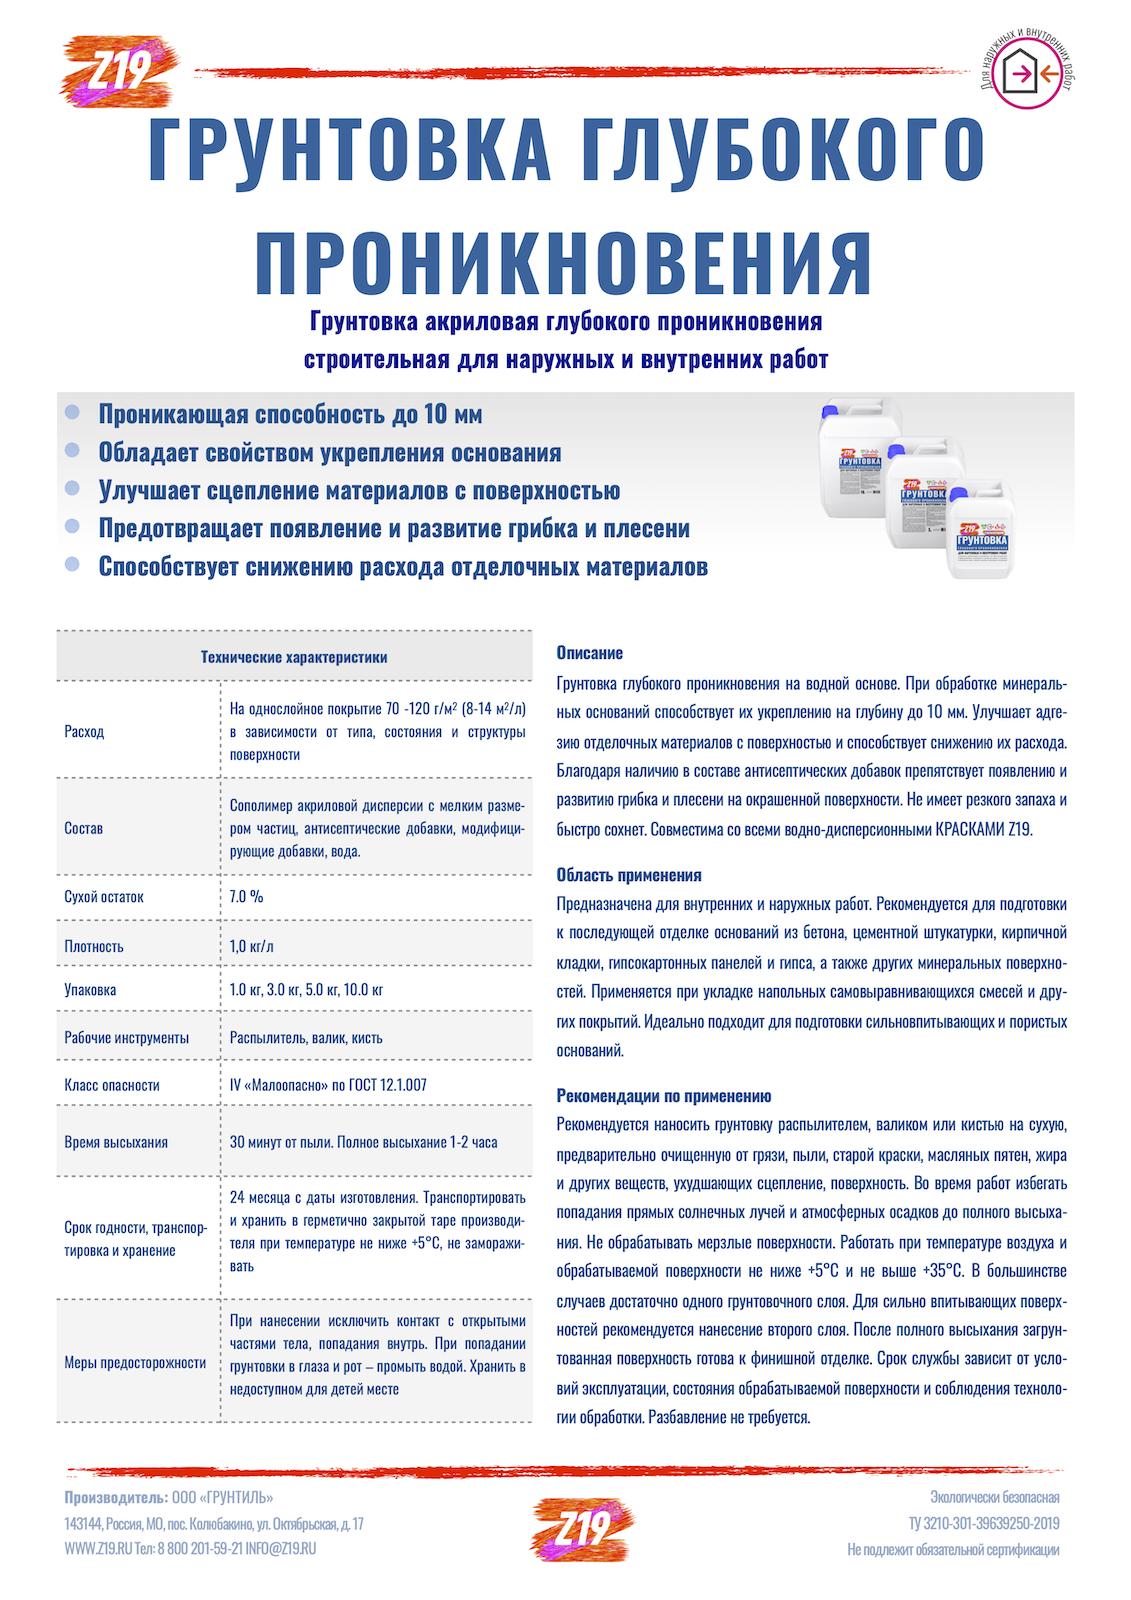 Грунтовка Z19 ГЛУБОКОГО ПРОНИКНОВЕНИЯ 10.0 кг для наружных и внутренних работ